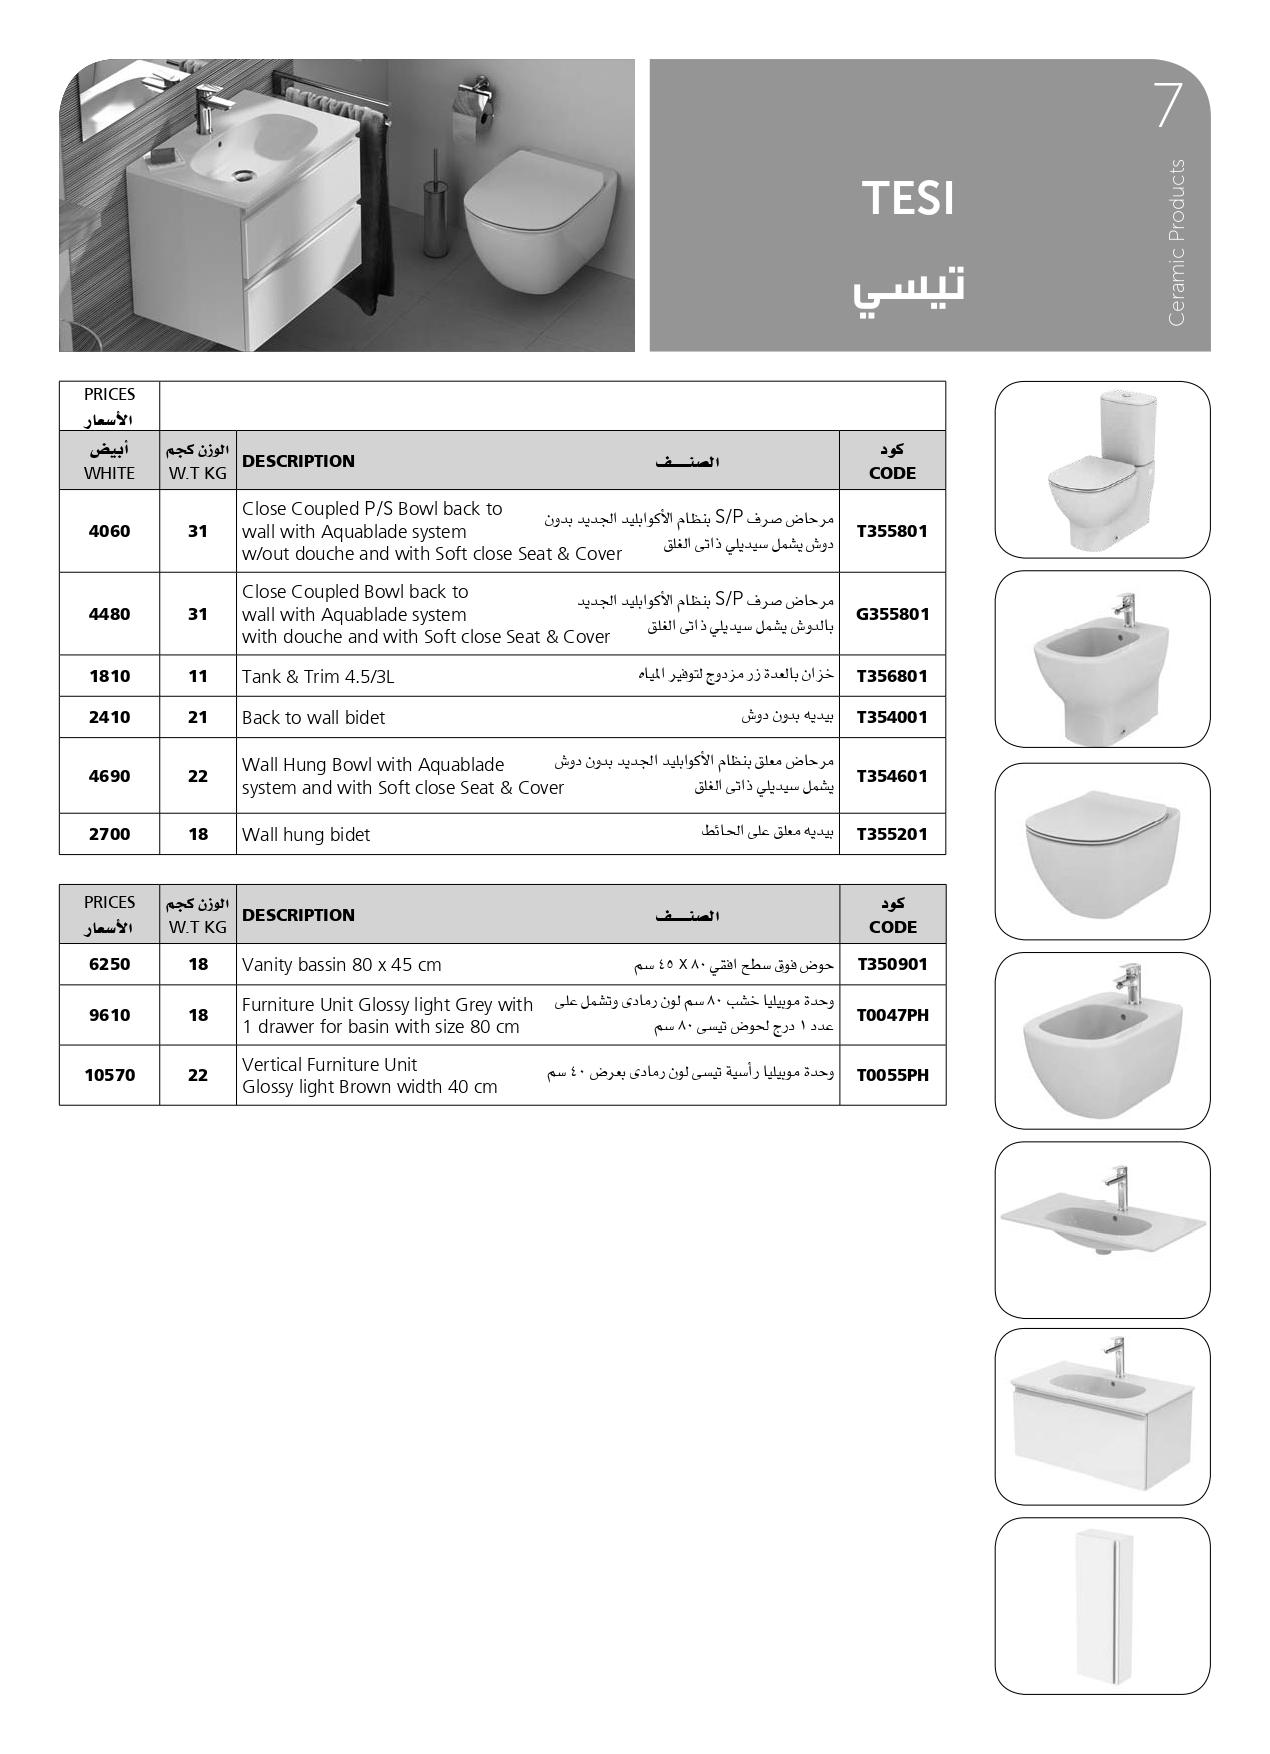 أسعار اطقم حمامات تيسي ايديال ستاندرد 2020